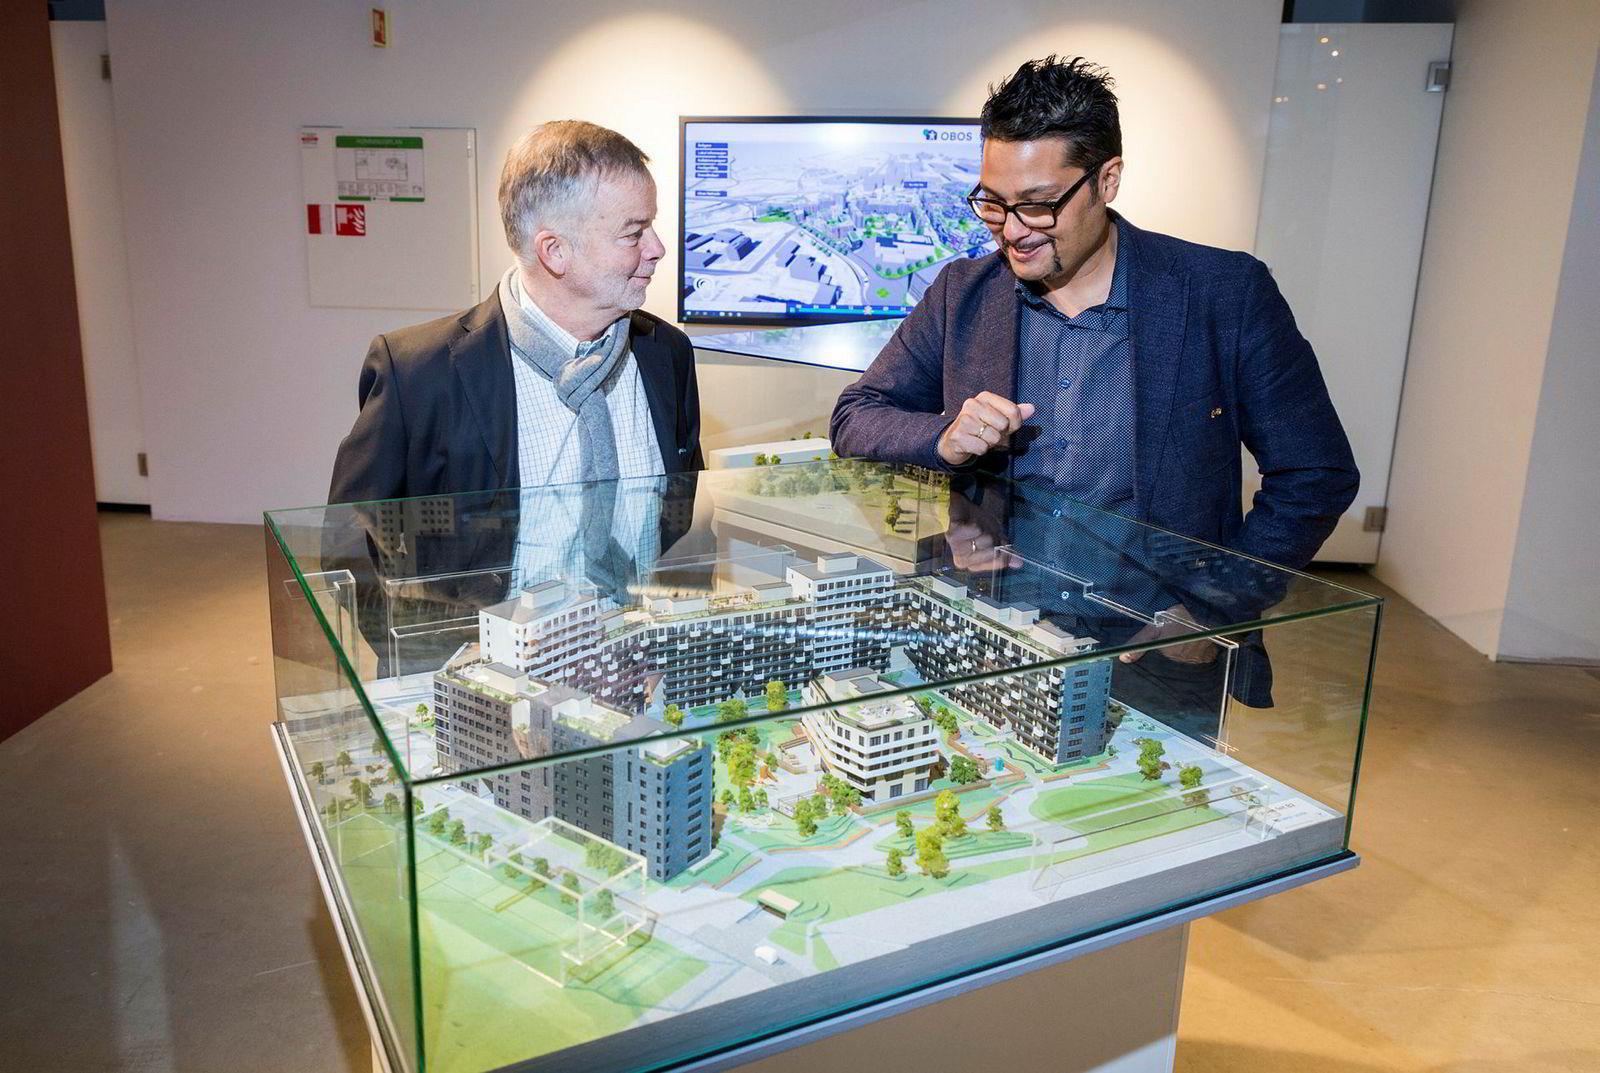 Obos har investert i en 280 mål stor tomt på Ulven i Oslo, og planlegger å bygge opptil 3000 boliger og 200.000 kvadratmeter næring. Veidekke-sjef Arne Giske (til venstre) og konsernsjef i Obos Daniel K. Siraj med en modell av første utbyggingstrinn.